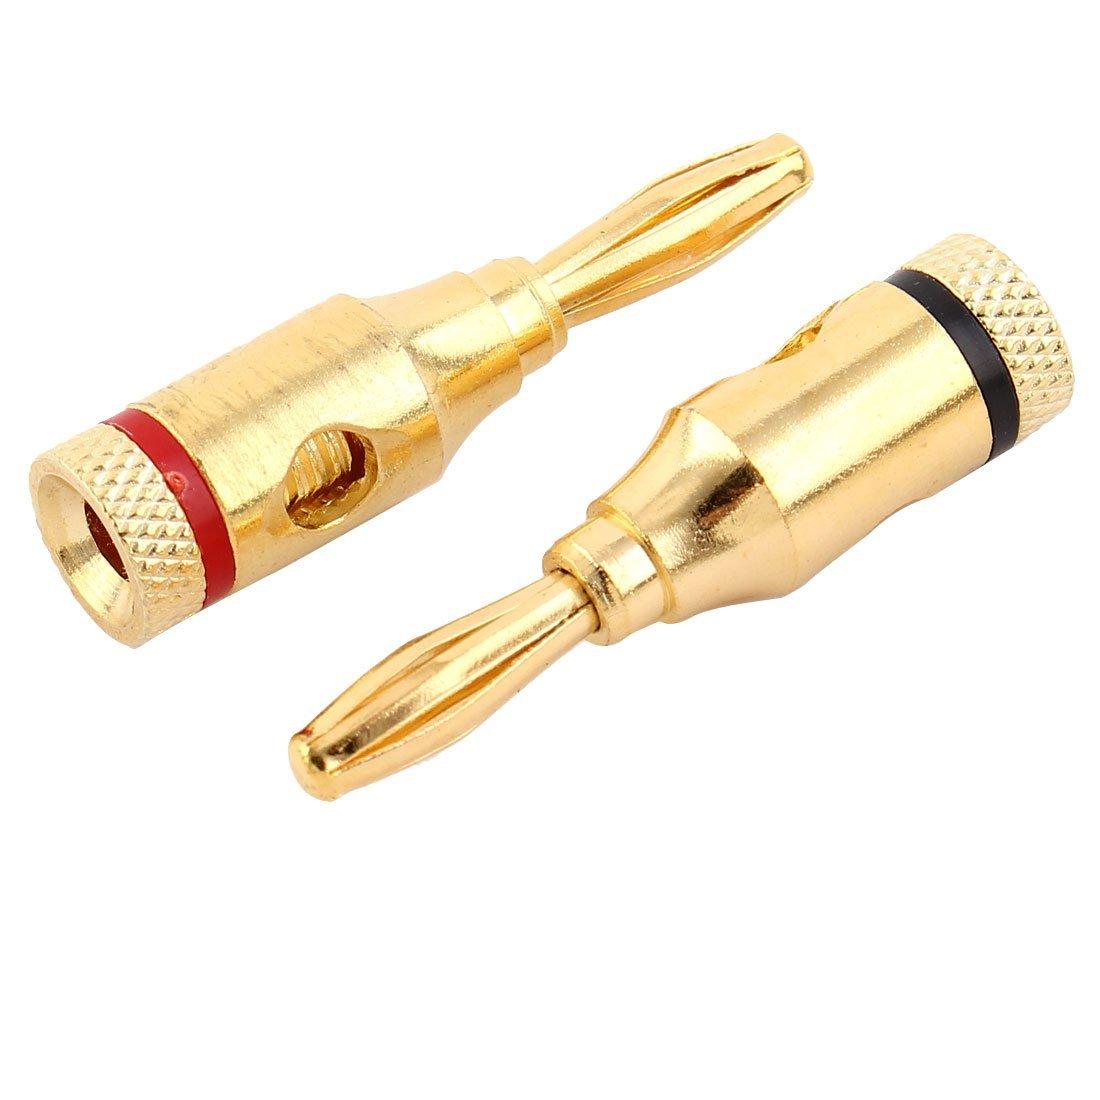 Amazon.com: Conector eDealMax Musical Cable Audio del altavoz de alambre abierta Tornillo tipo Banana DE 4 PCS: Industrial & Scientific